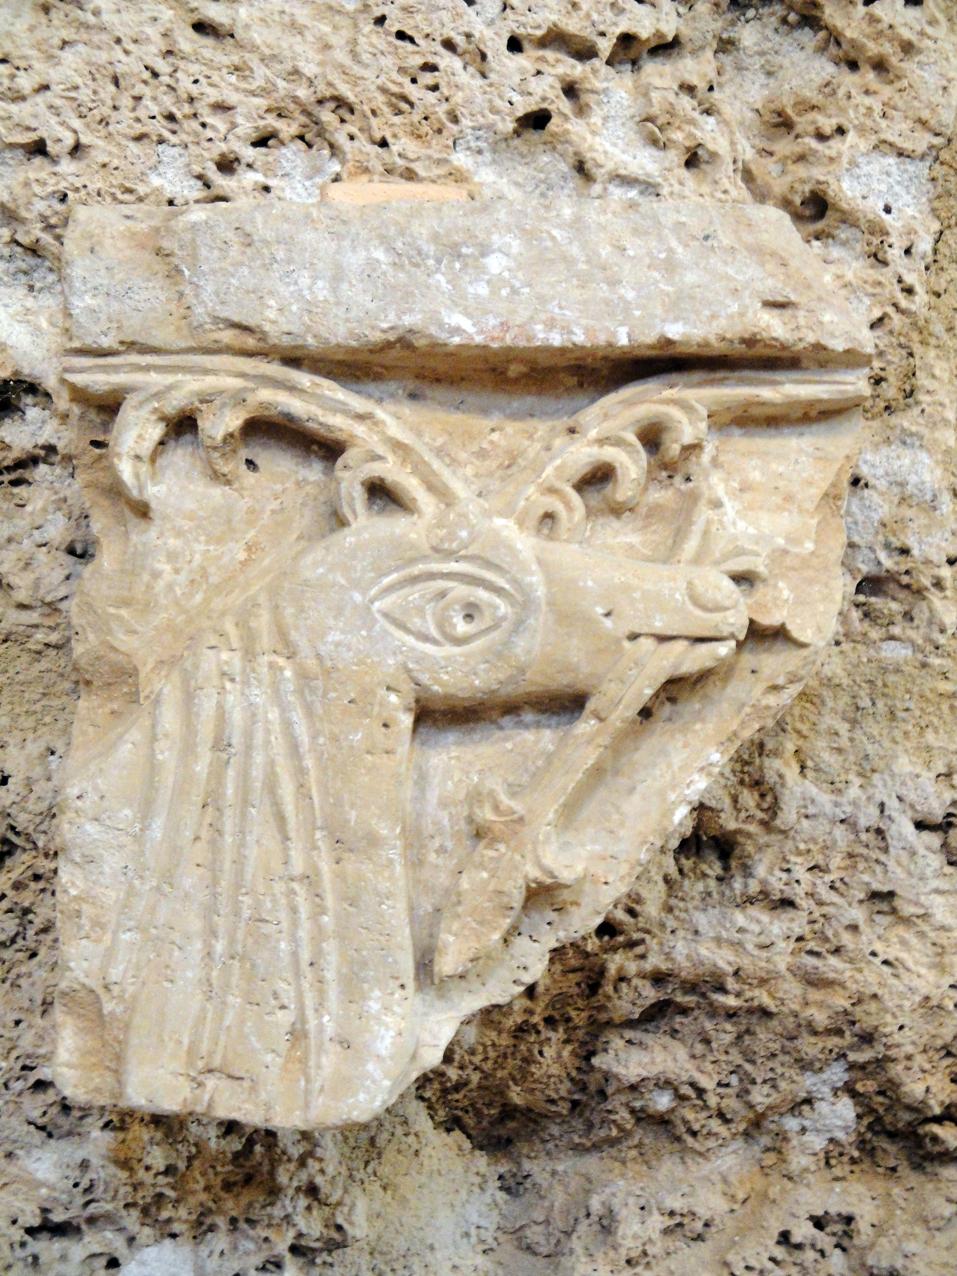 05.10.2009 Fragment escultòric possiblement d'un cèrvol i de possible època preromànica            Museu de l'abadia -  Jordi Bibià